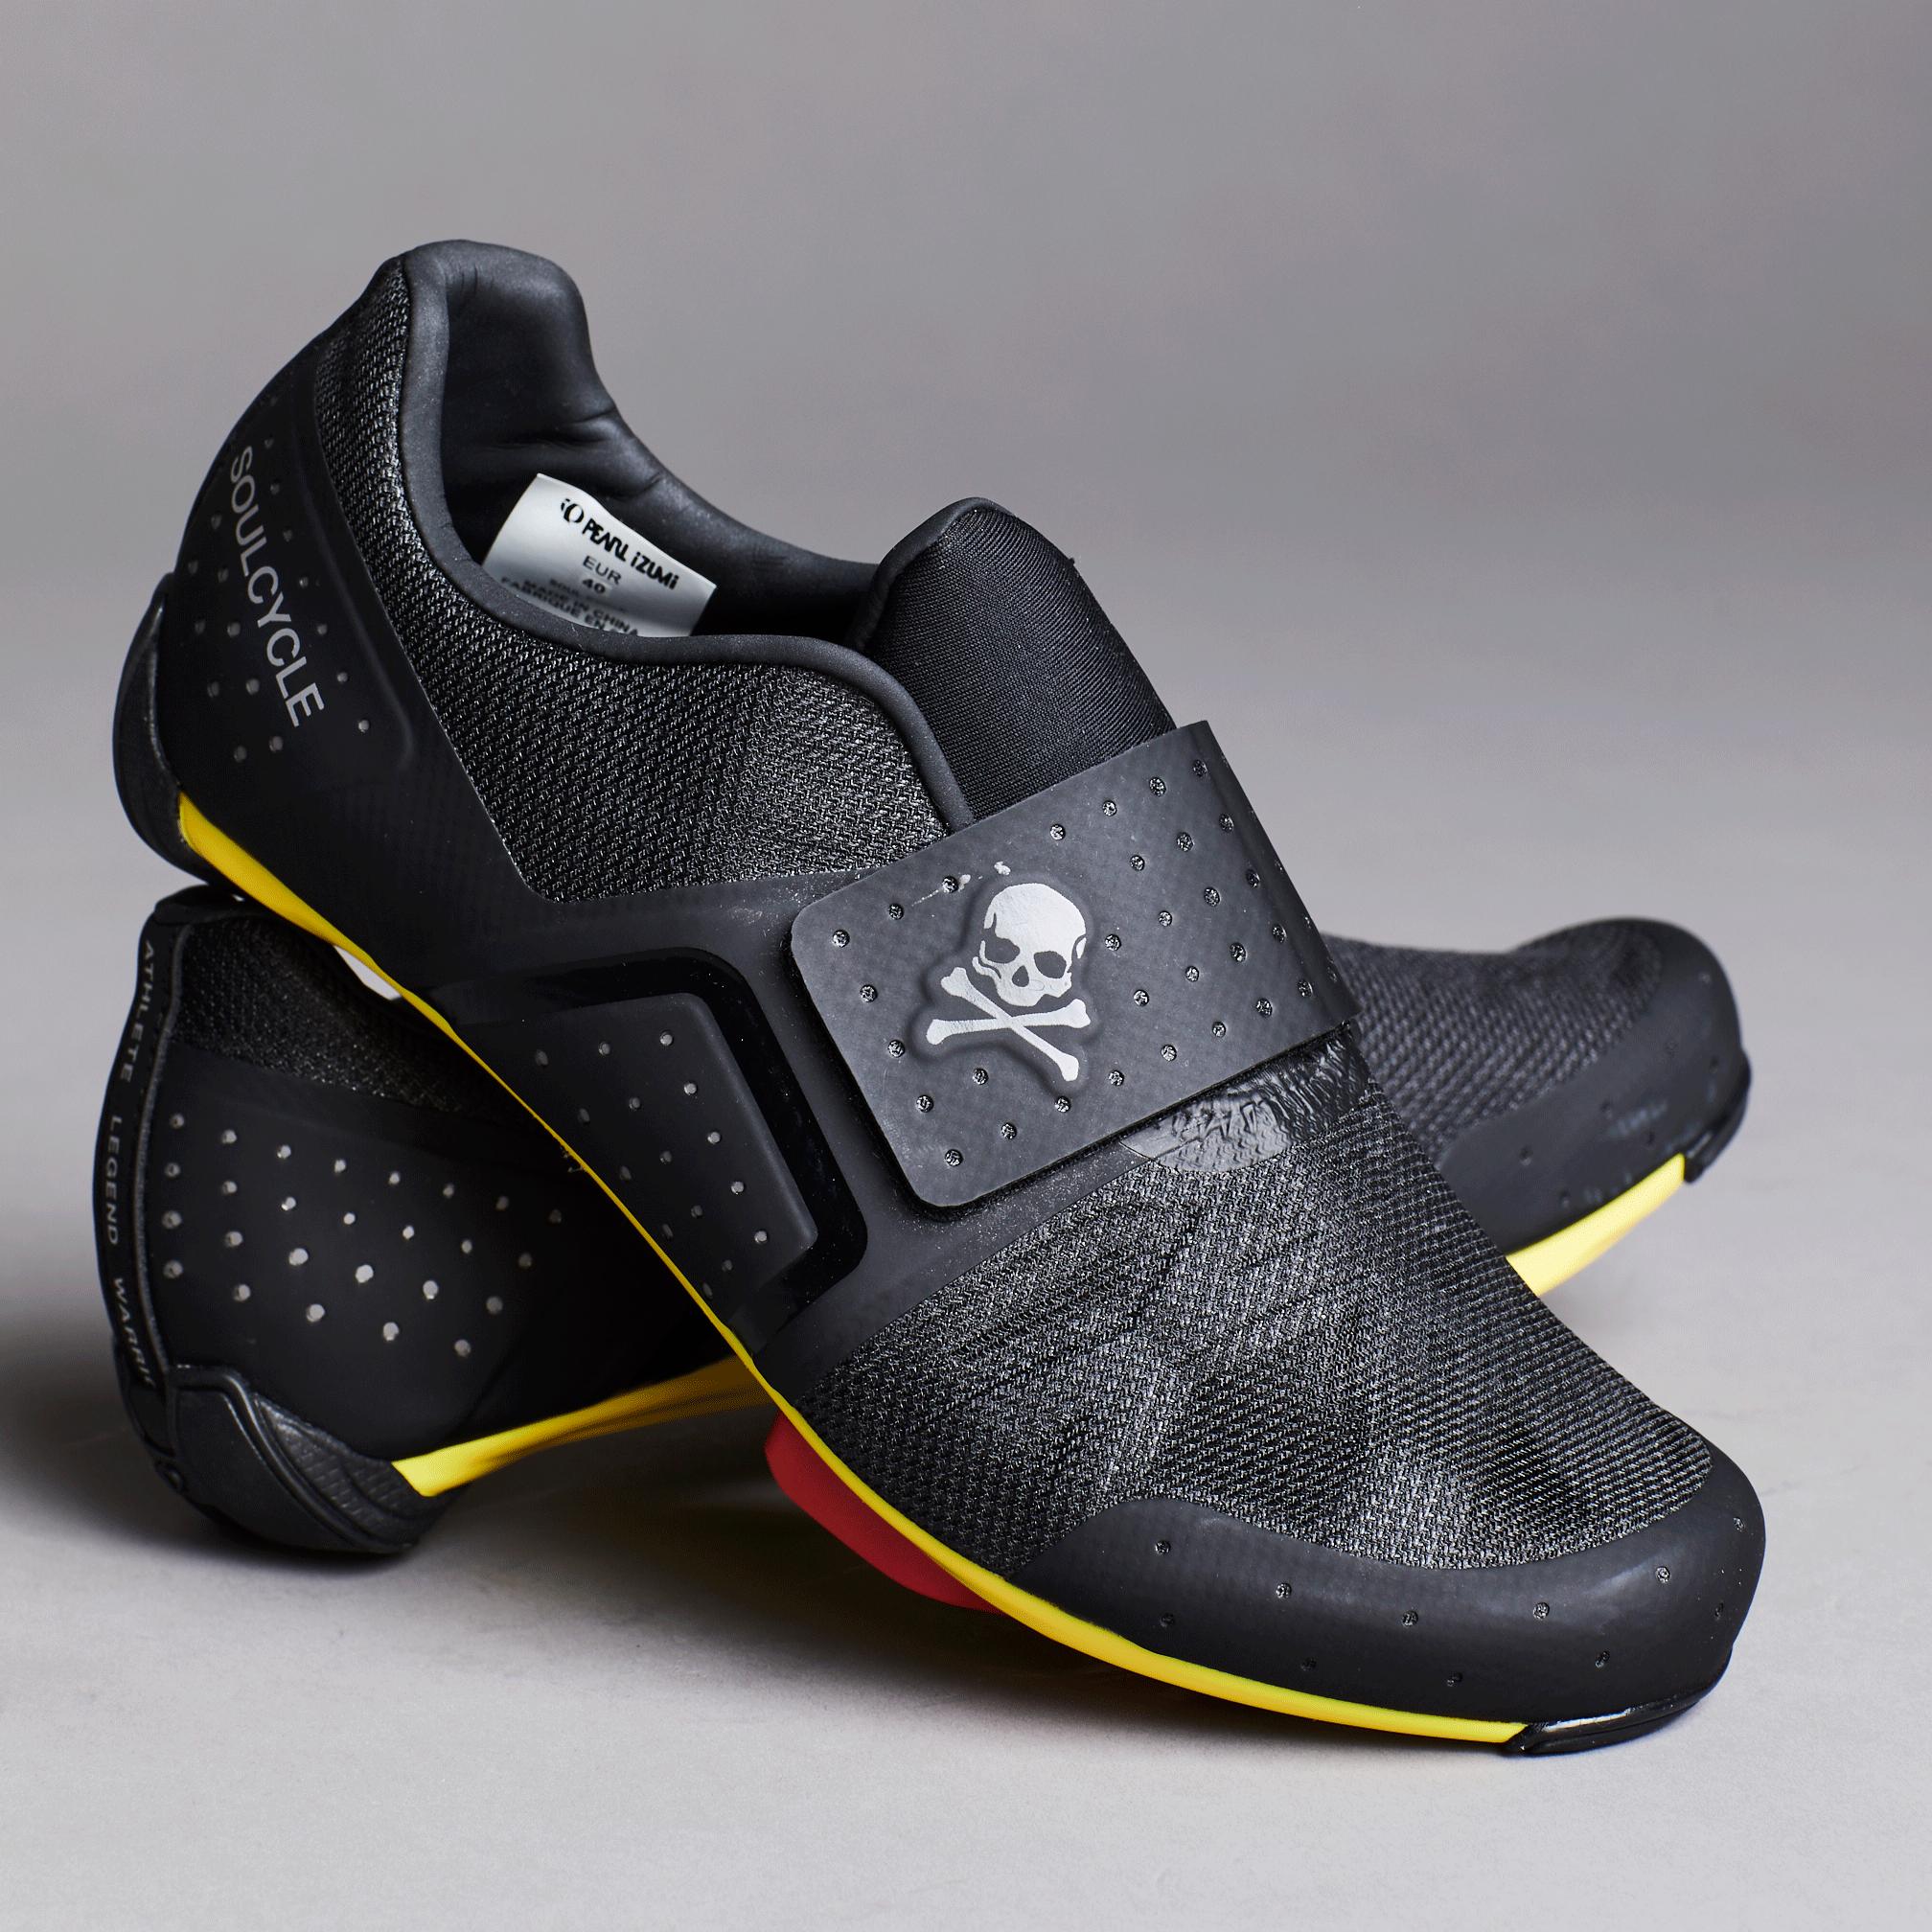 SOUL Legend Cycling Shoe $200 | Cycling